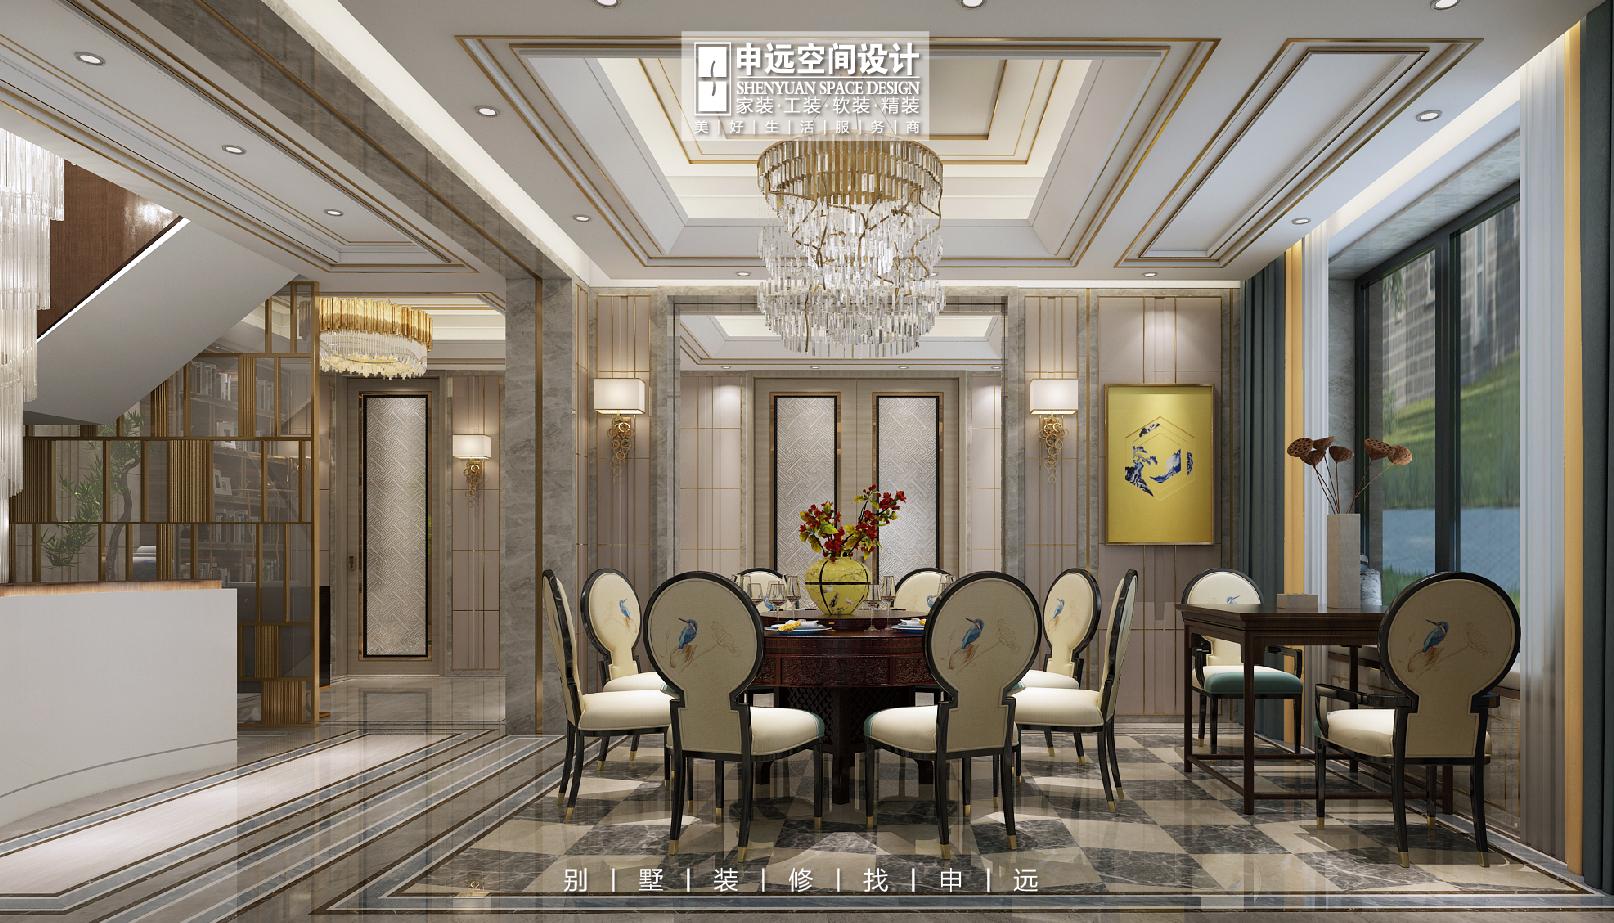 北京申远 别墅装修 别墅 餐厅图片来自申远空间设计北京分公司在北京申远空间设计-别墅装修设计的分享